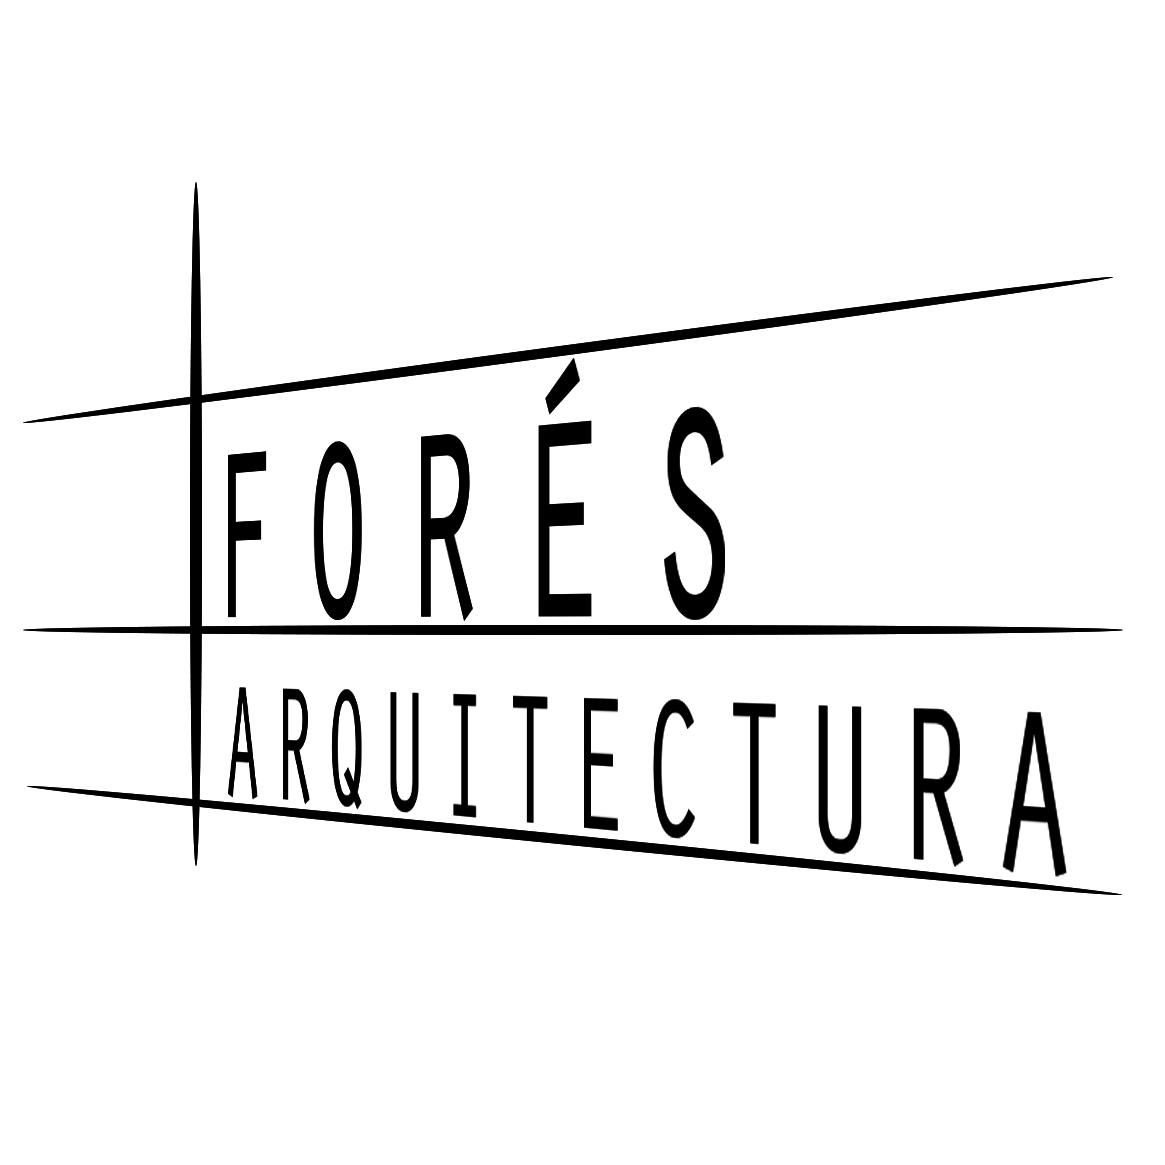 Forés Arquitectura